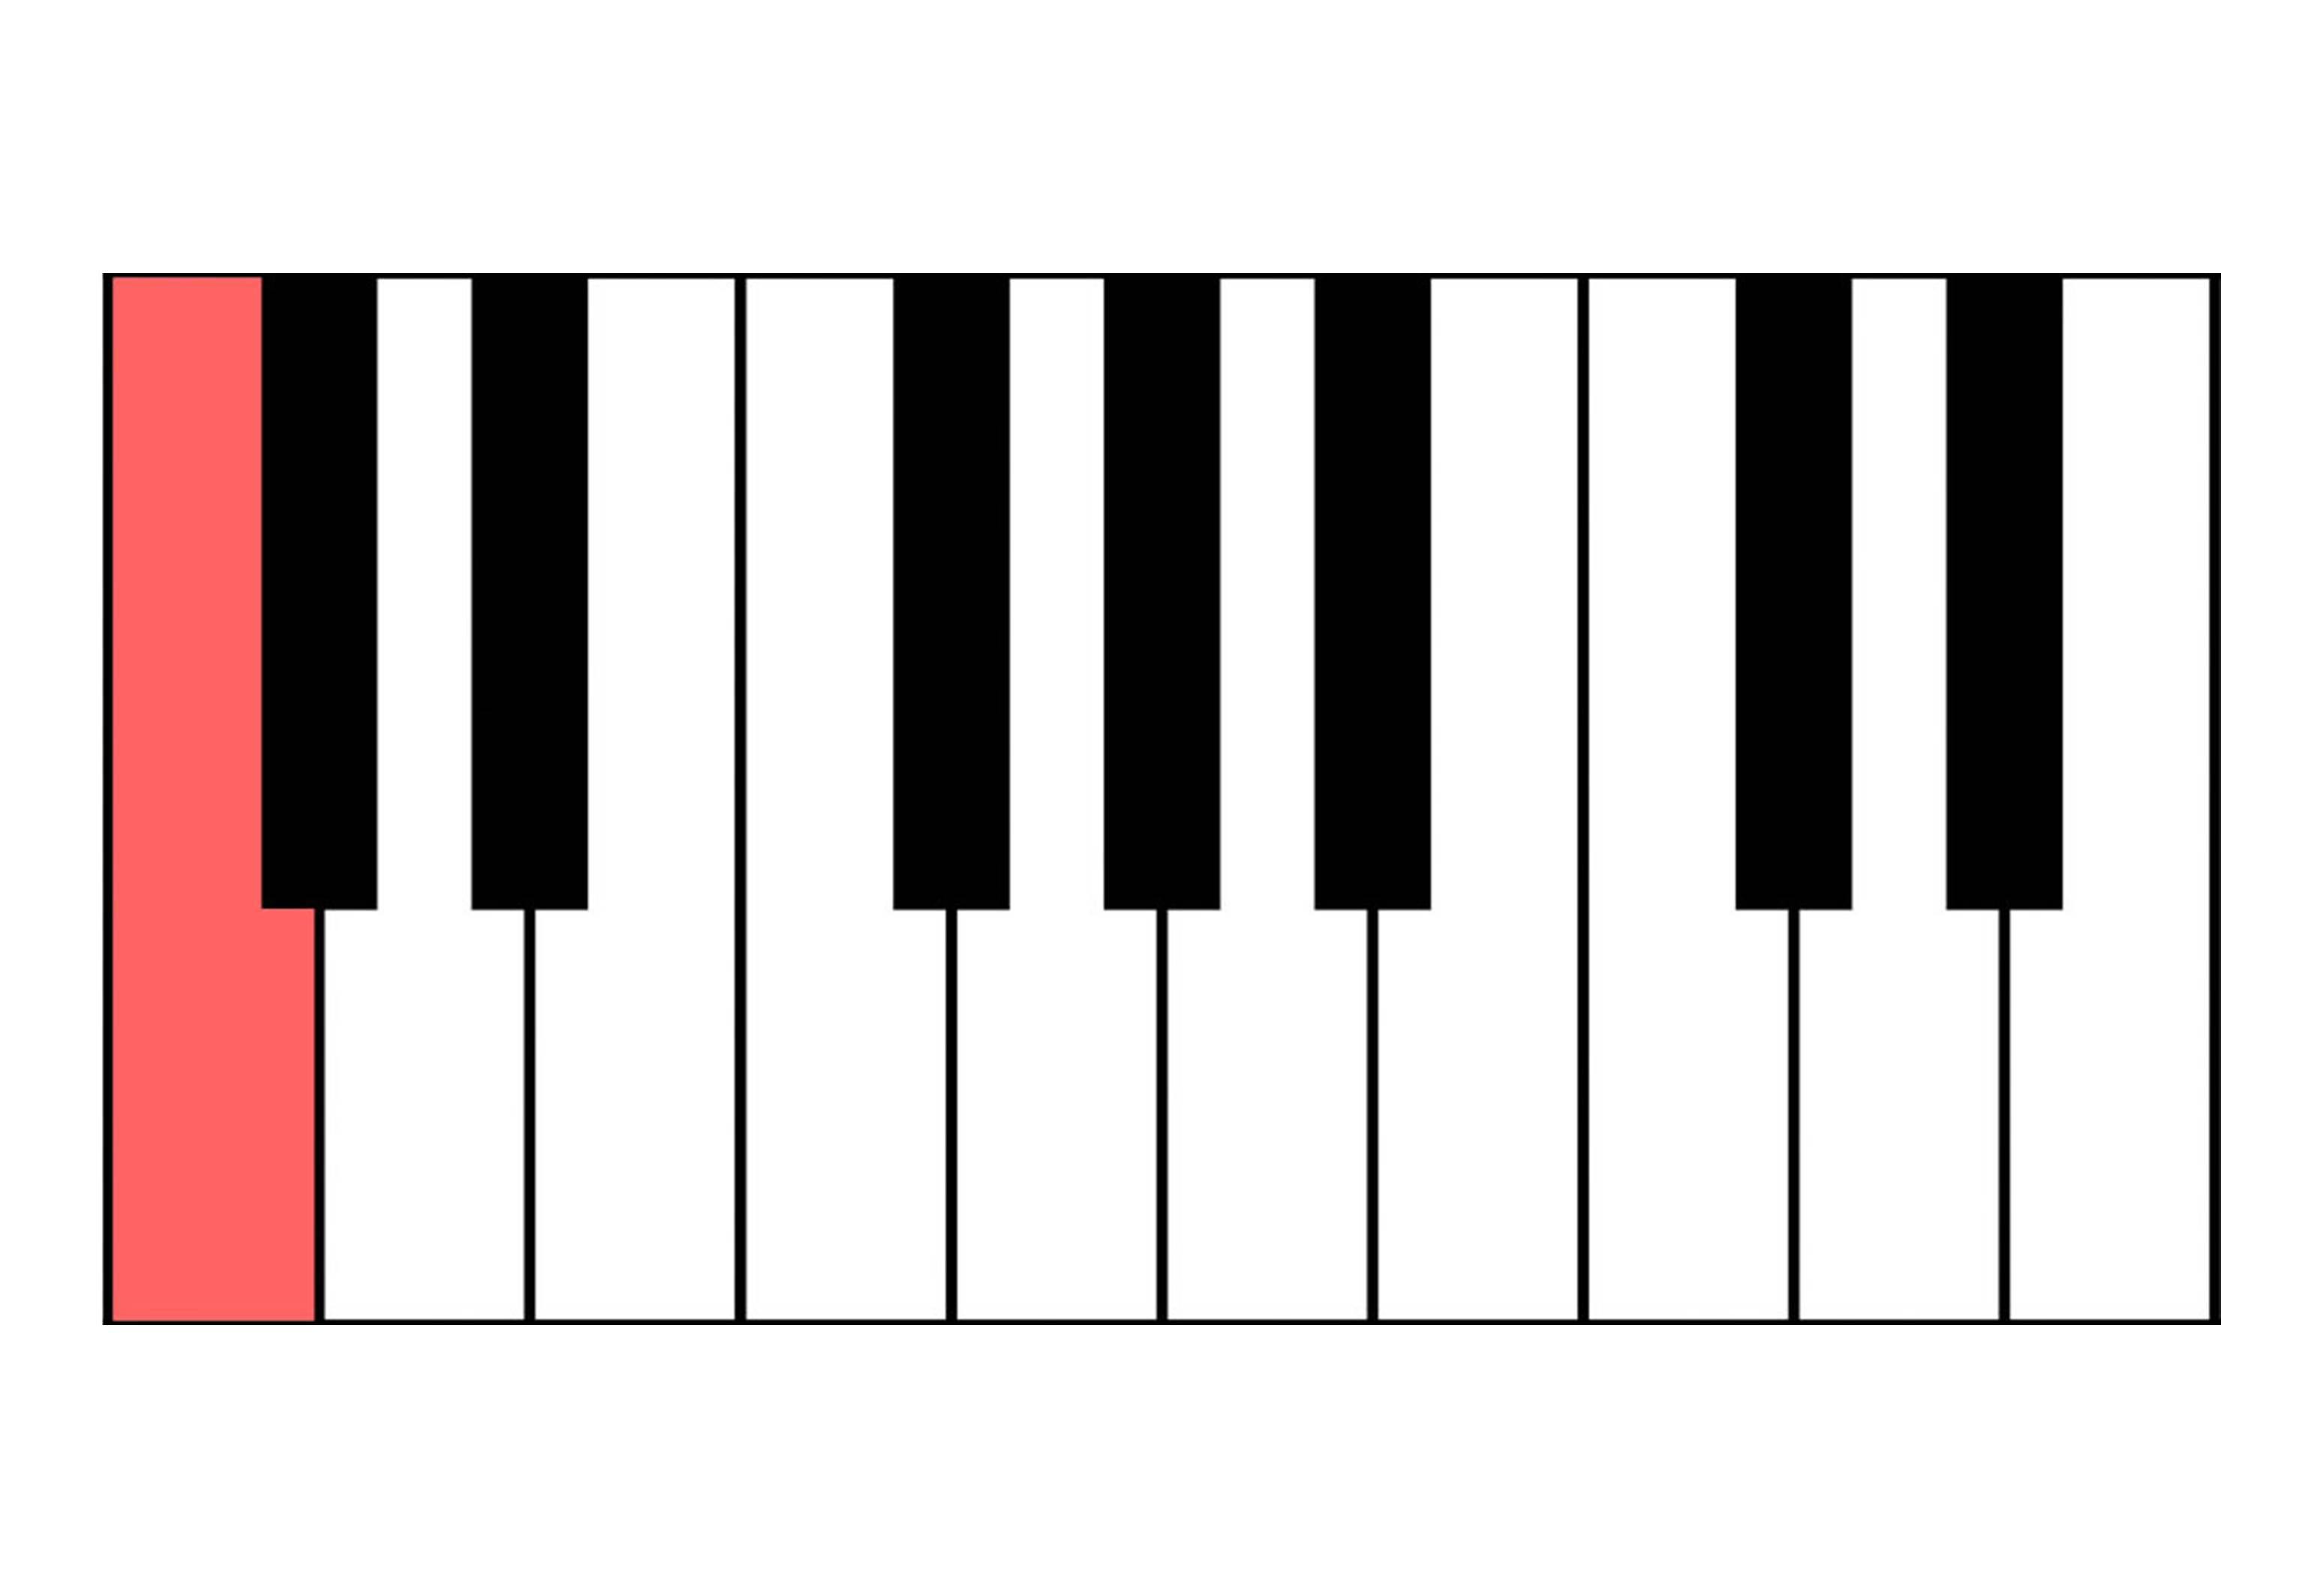 Klaviertastatur - auch für Keyboards!